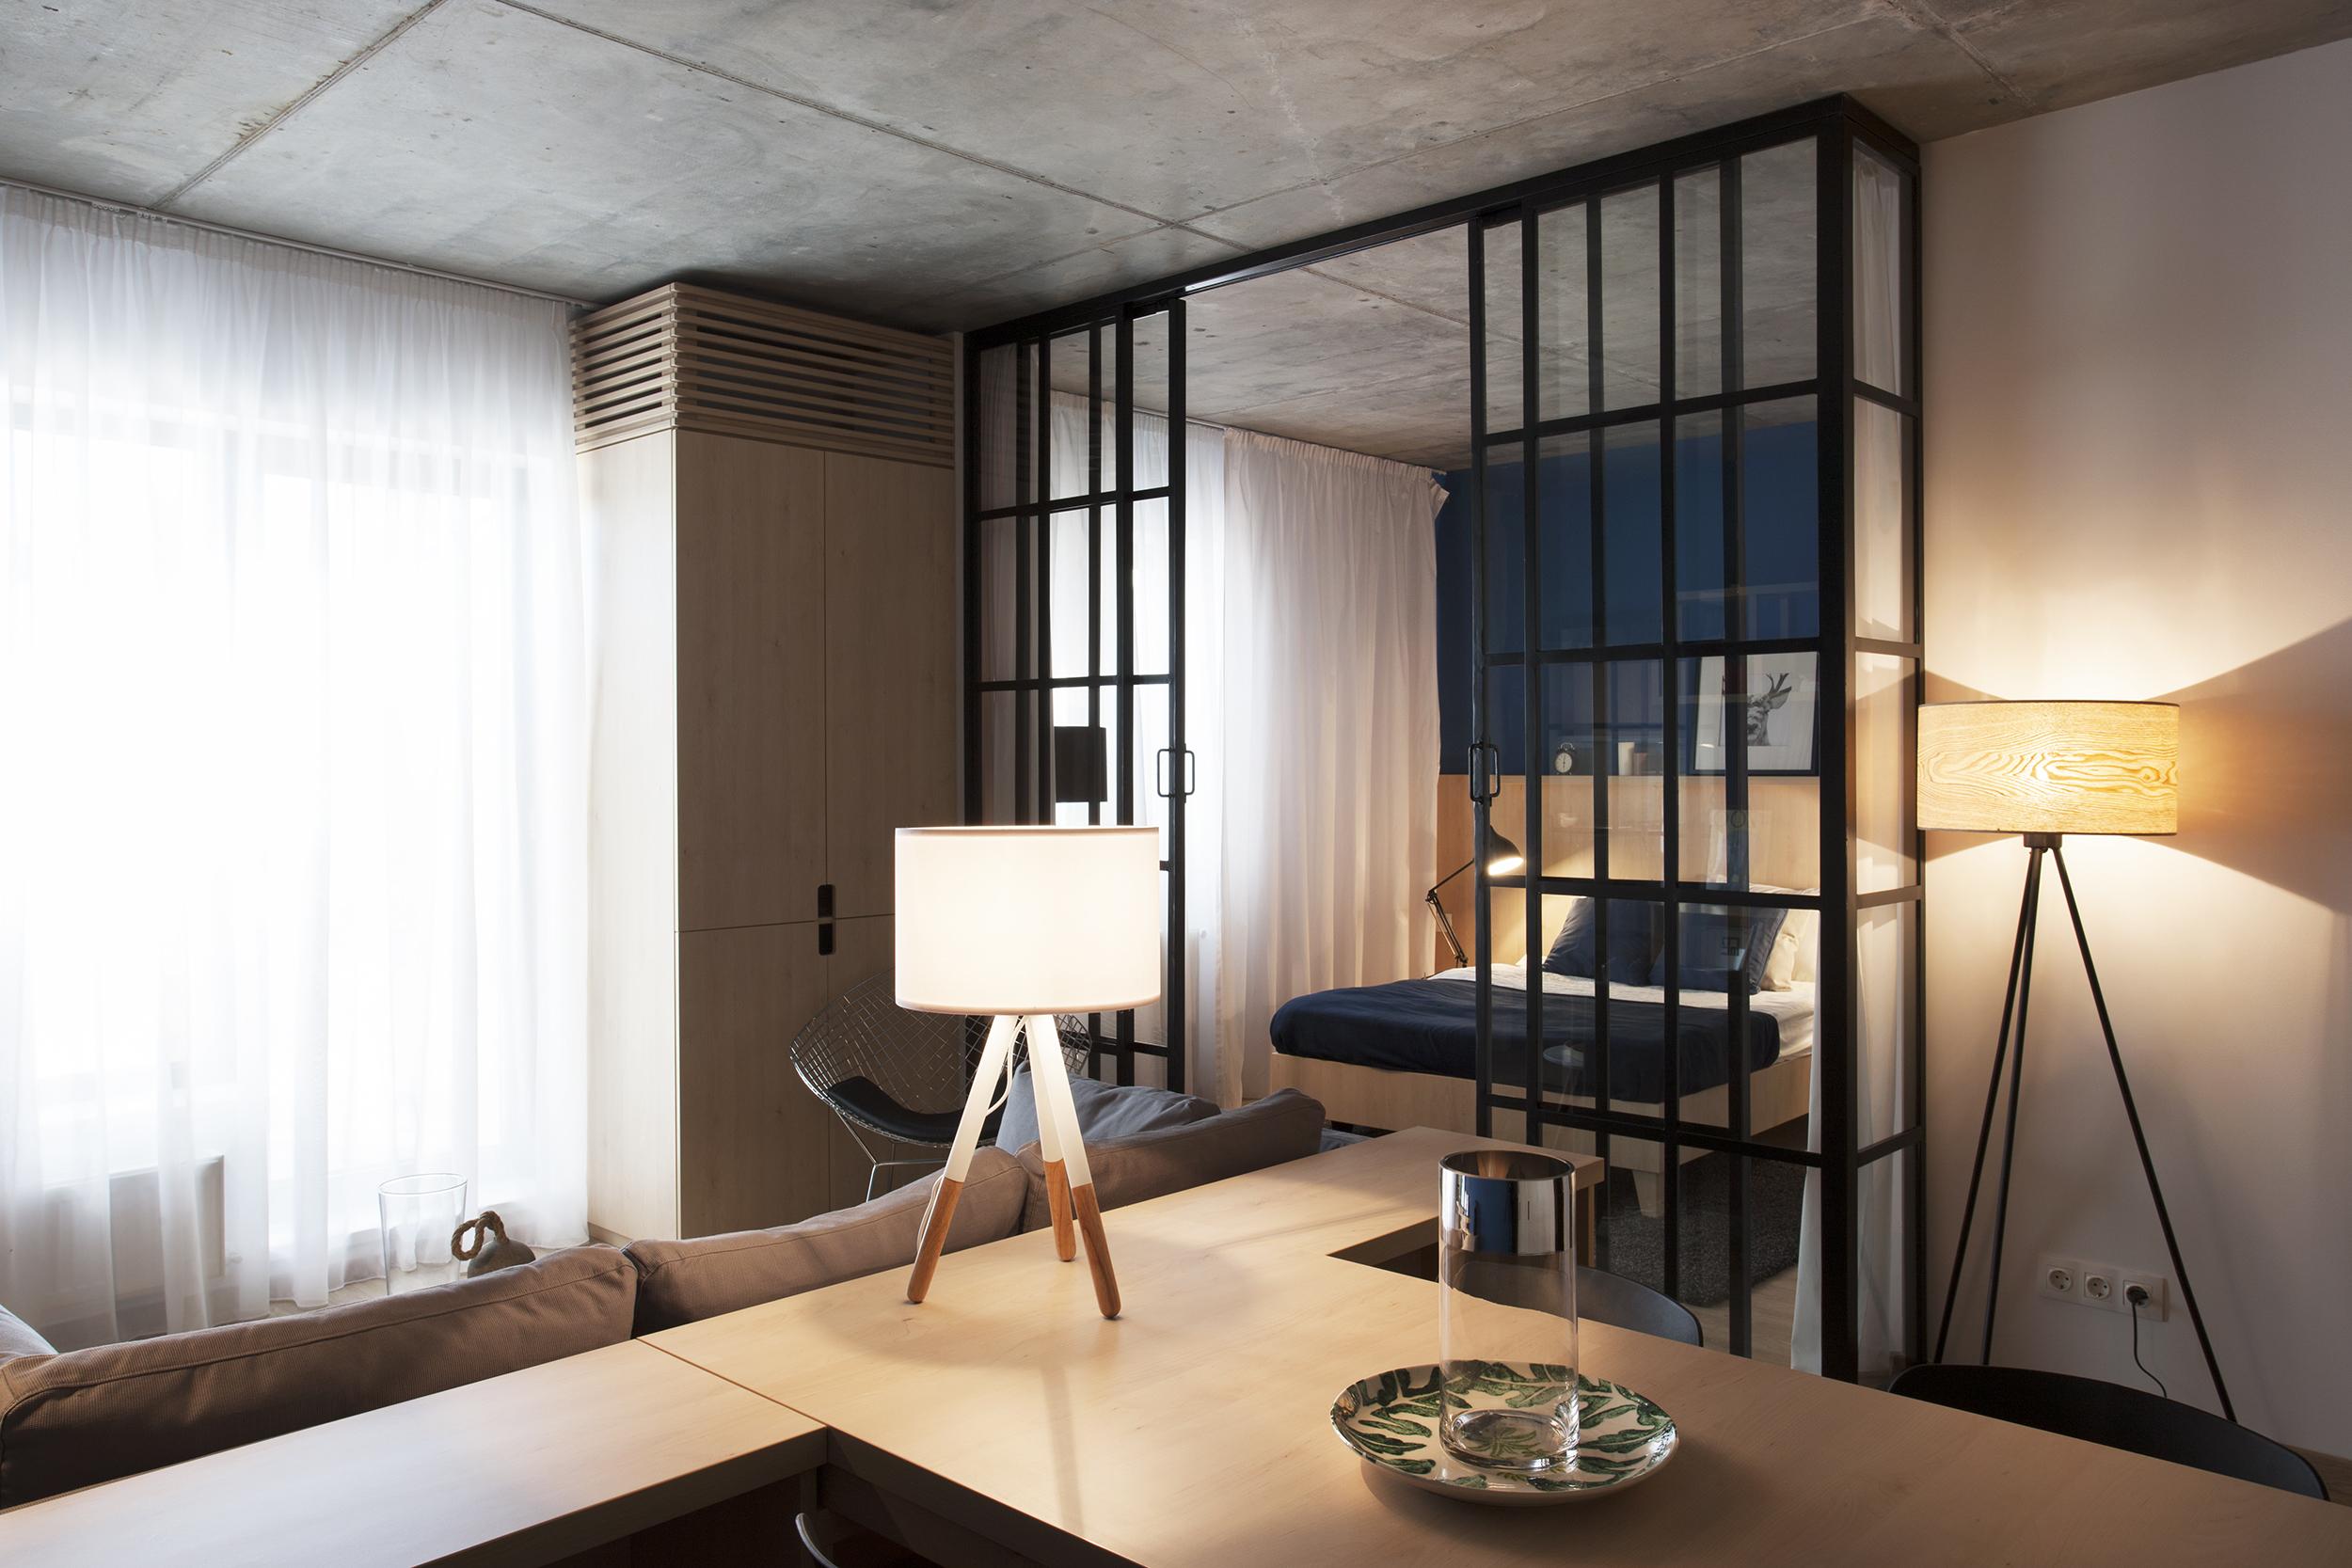 Kính trong suốt được sử dụng để ngăn cách phòng ngủ với phòng khách